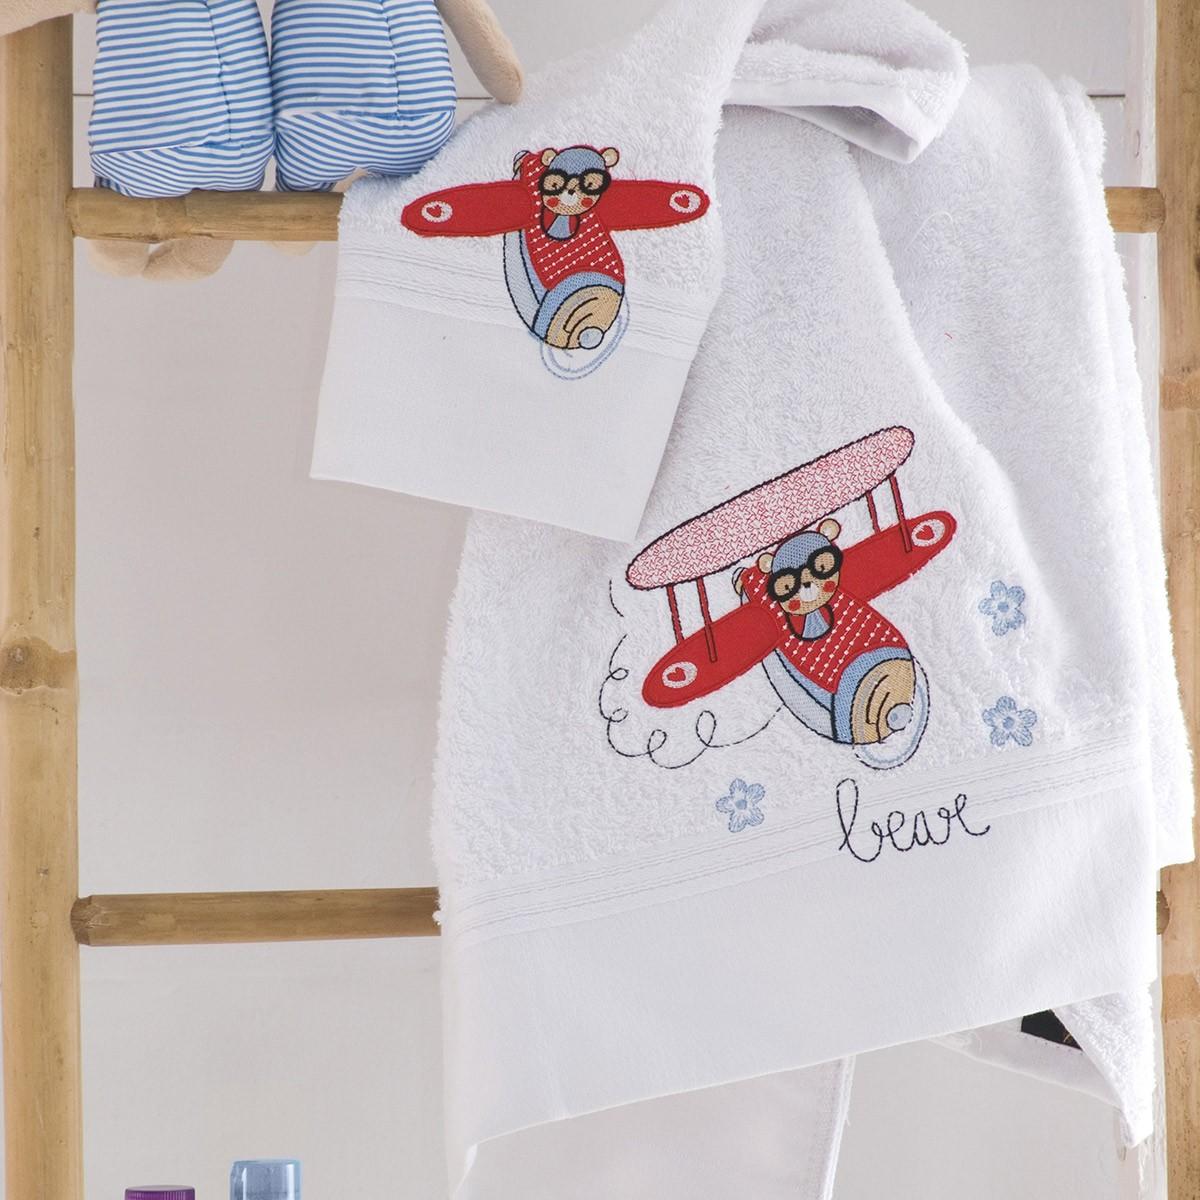 Παιδικές Πετσέτες (Σετ 2τμχ) Rythmos Kids Pilot home   παιδικά   πετσέτες παιδικές